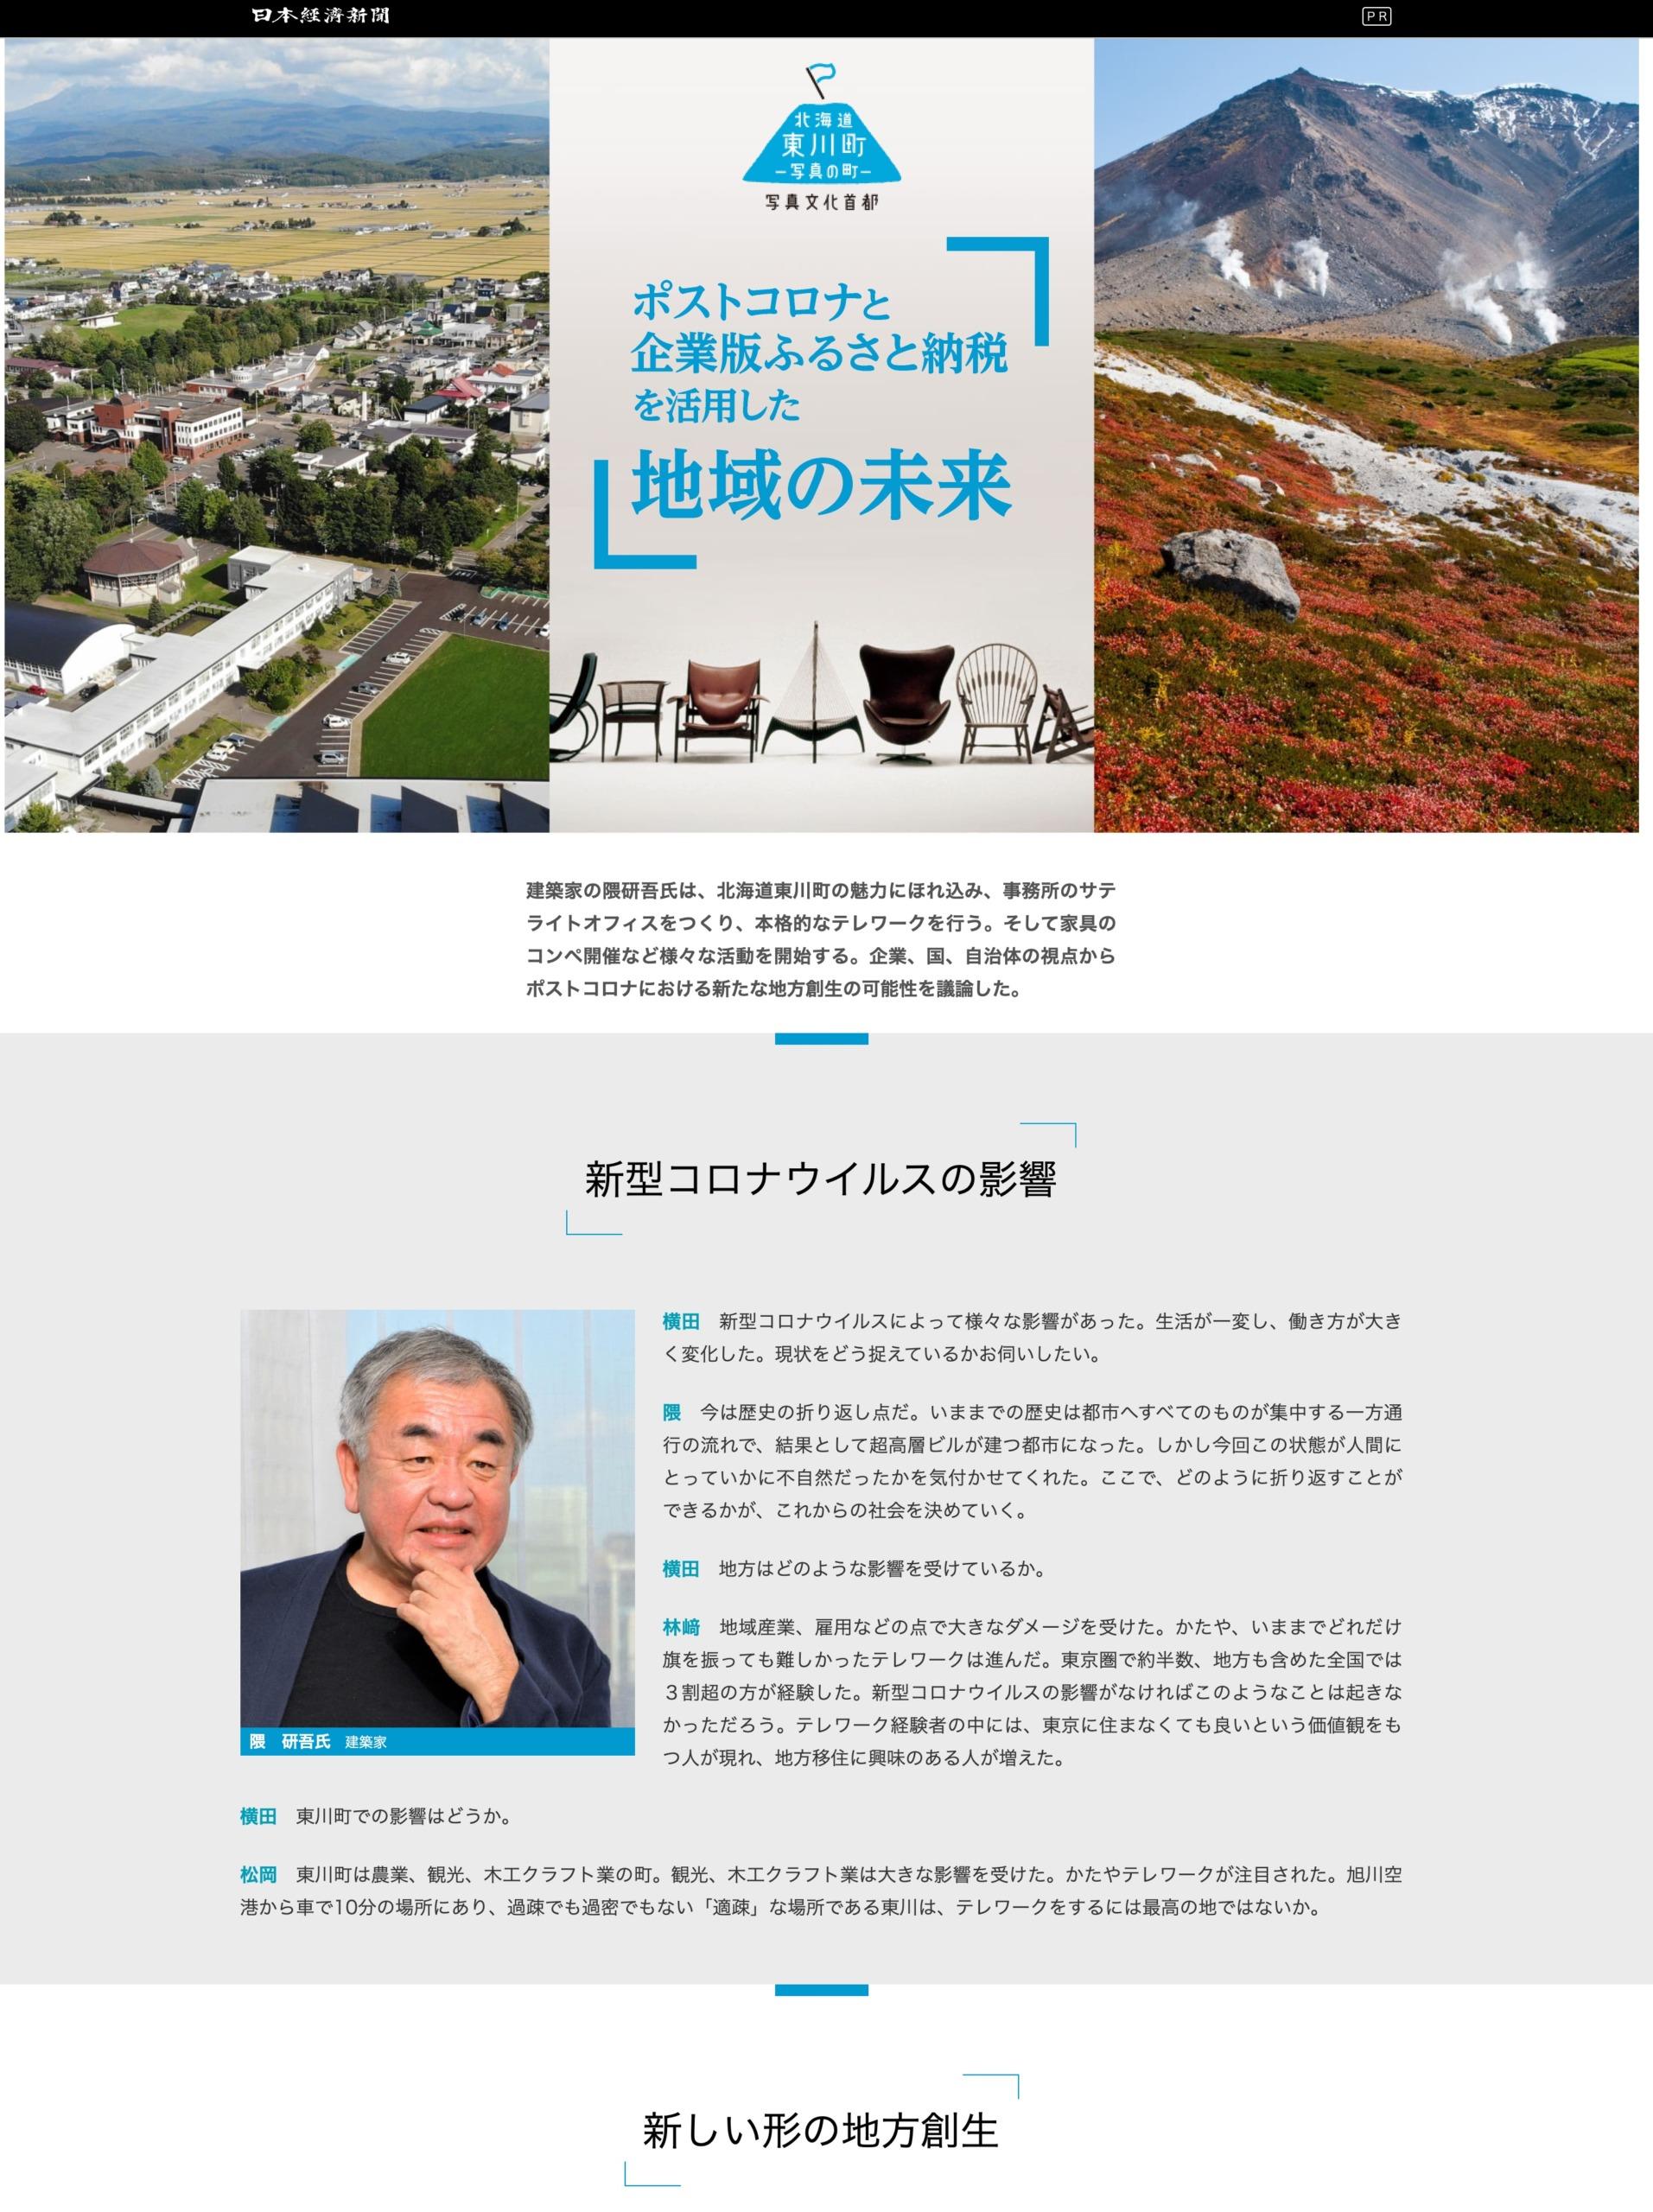 ポストコロナと企業版ふるさと納税を活用した地域の未来【日本経済新聞】